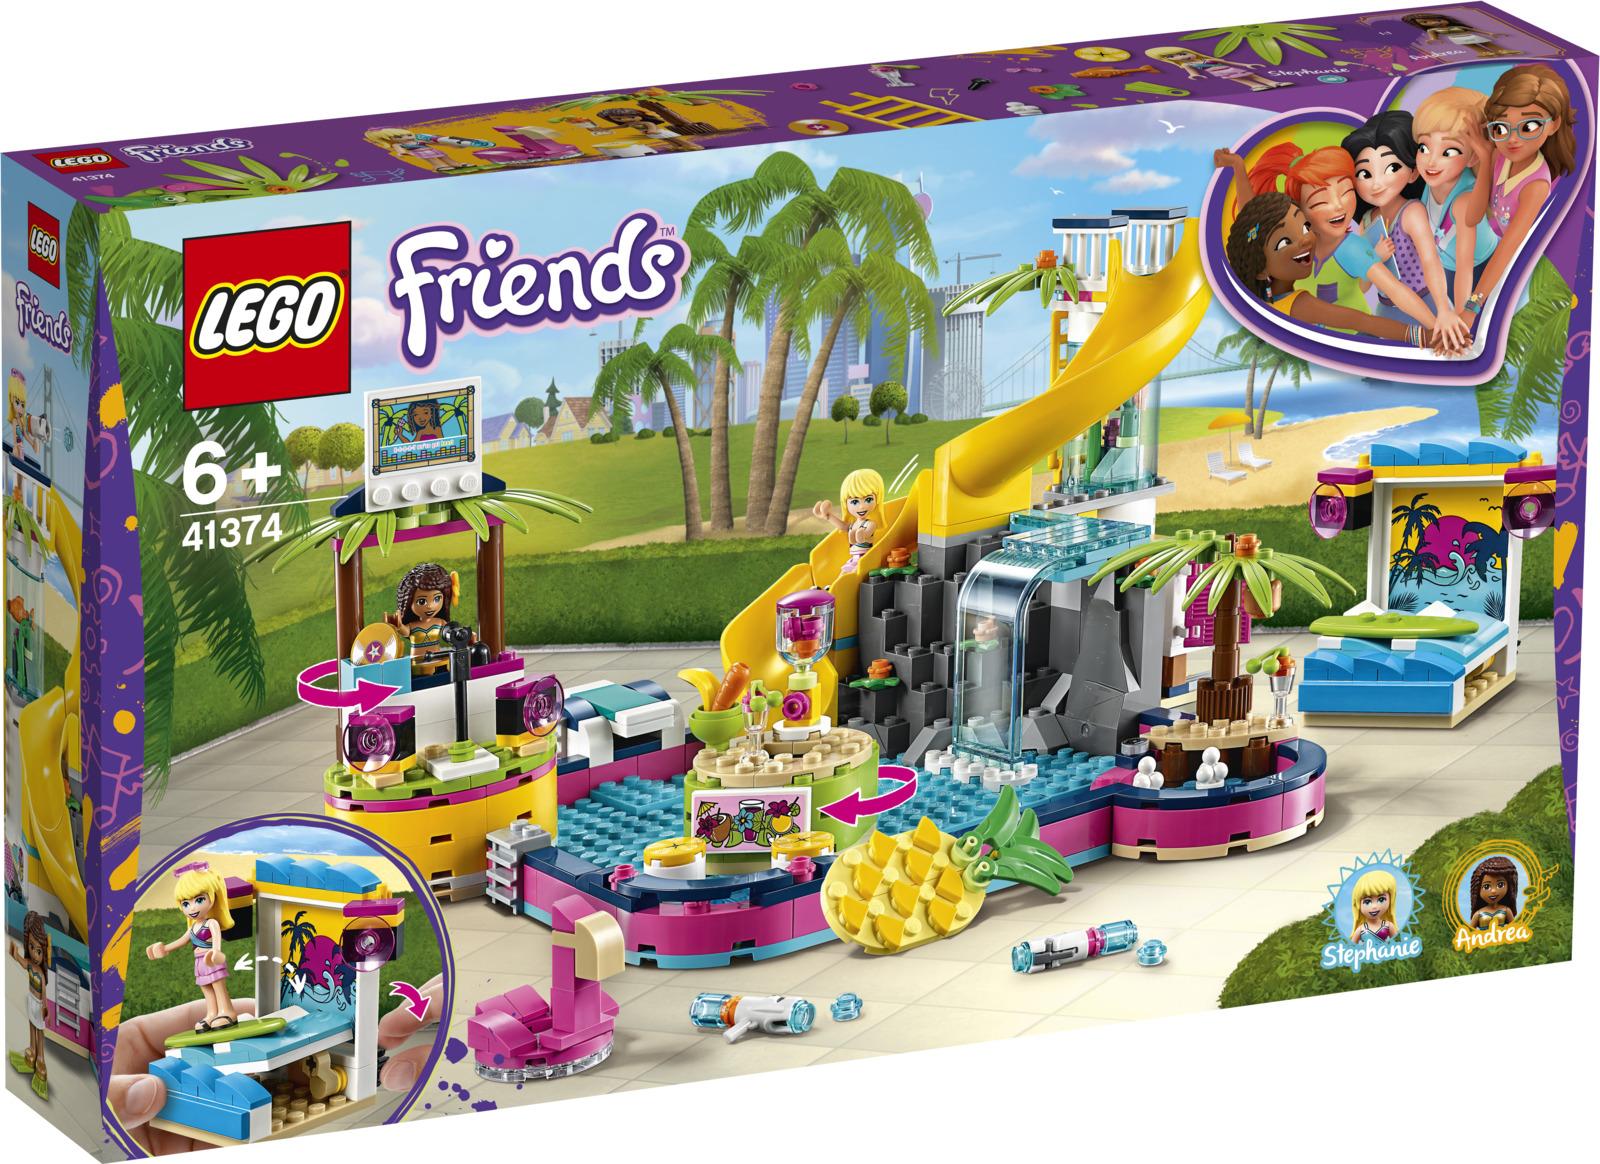 LEGO Friends 41374 Вечеринка Андреа у бассейна Конструктор lego friends 41341 комната андреа конструктор